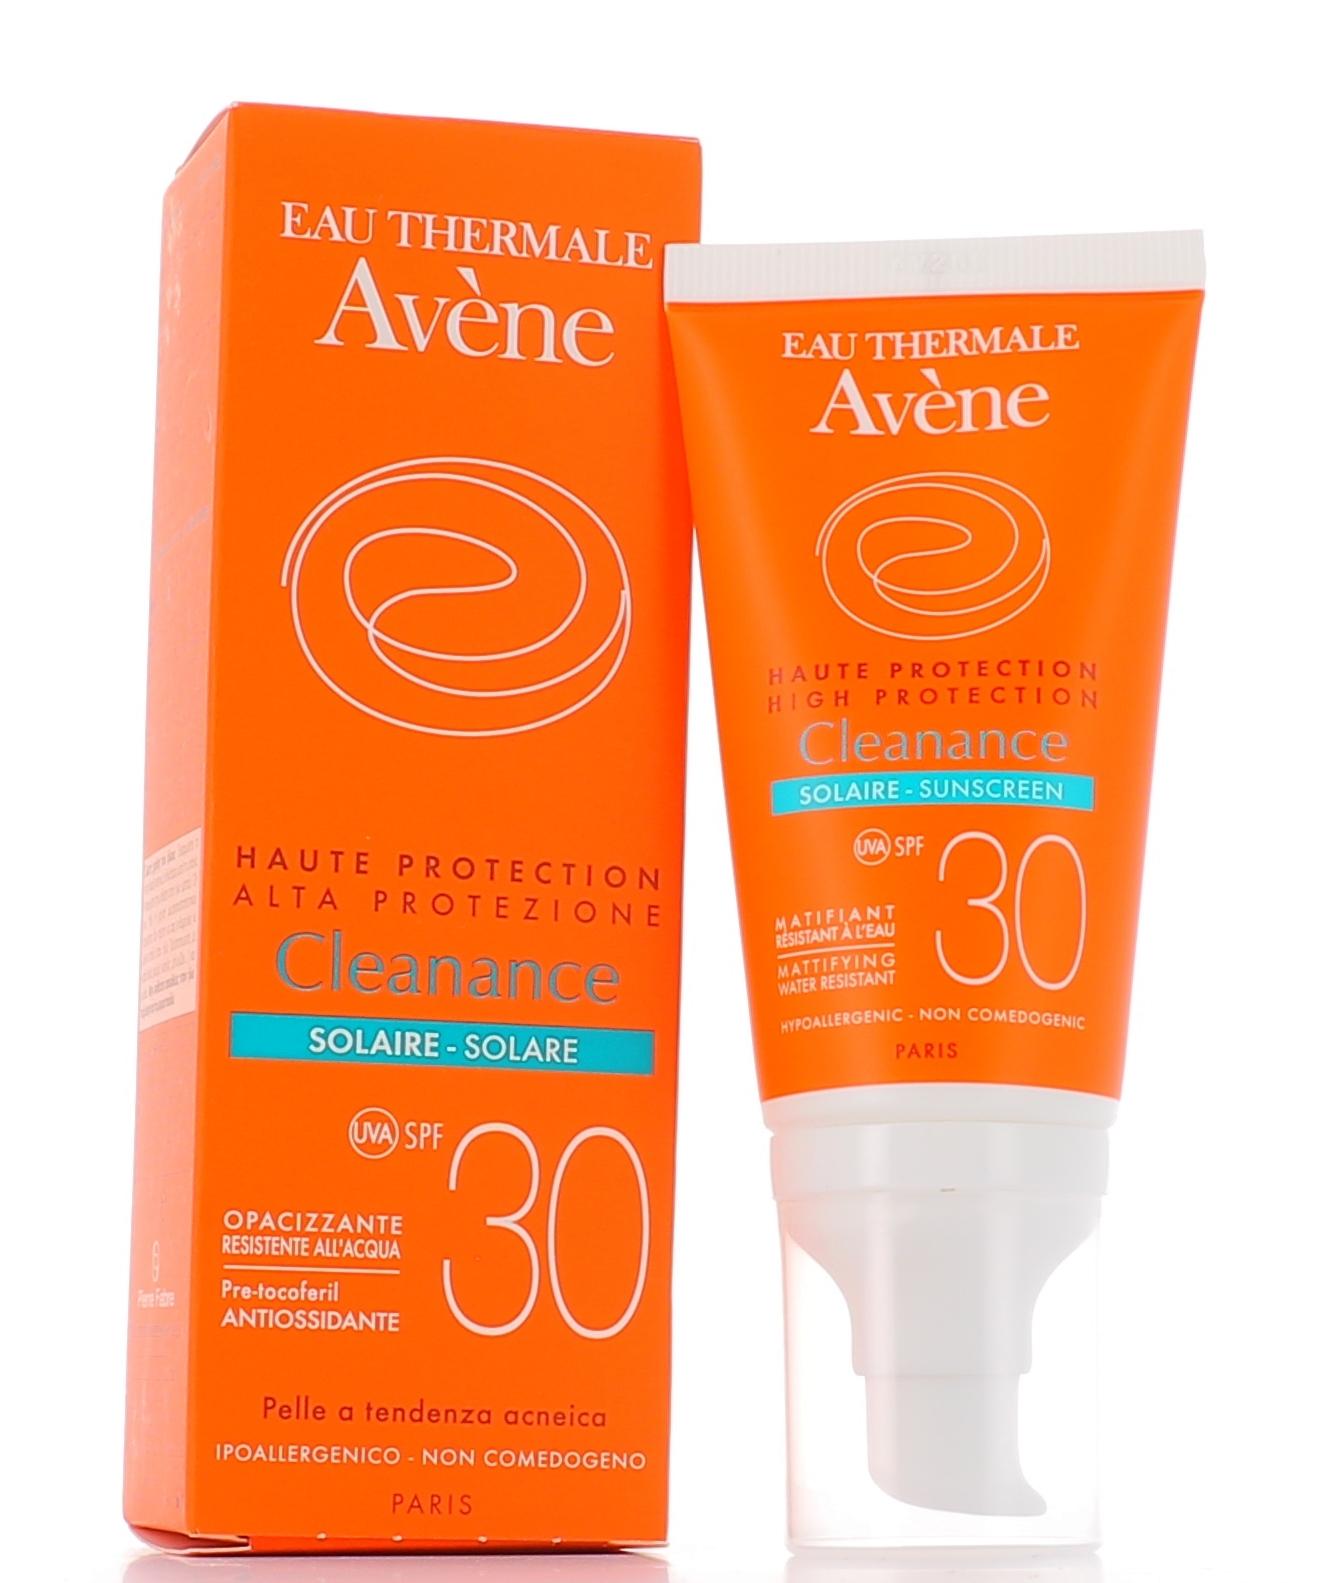 AVENE (Pierre Fabre It. SpA) Avene Solare Cleanance Spf30 50ml